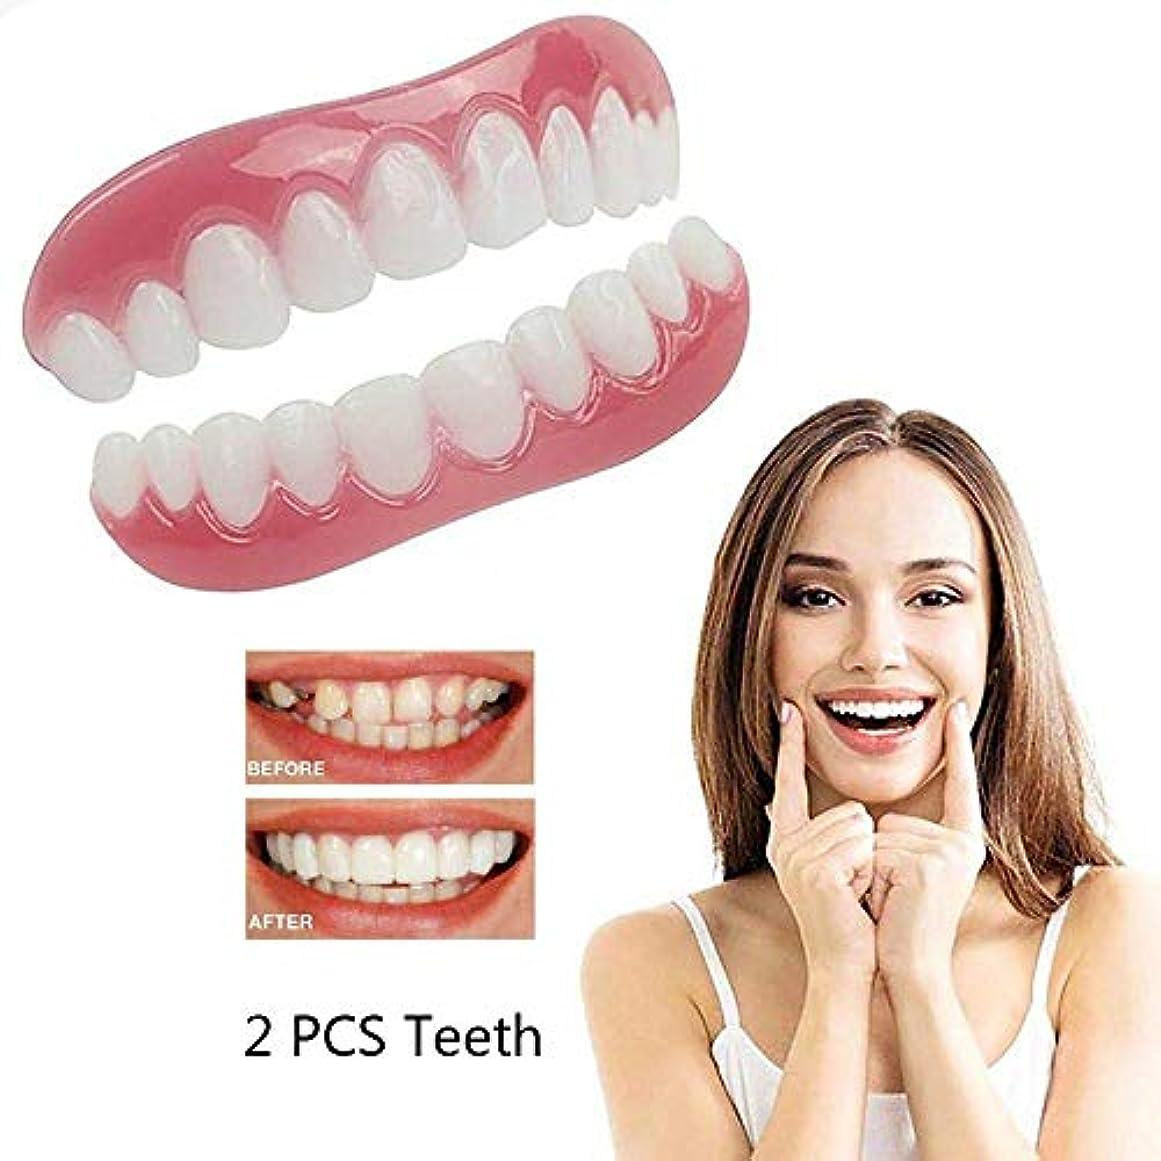 鬼ごっこフラスコ品種化粧品の歯のホワイトニングパーフェクトフィットスナップオンスマイルトップとボトムの偽歯インスタントプロテーゼスマイルコンフォートフィットフレックスオーラルケア